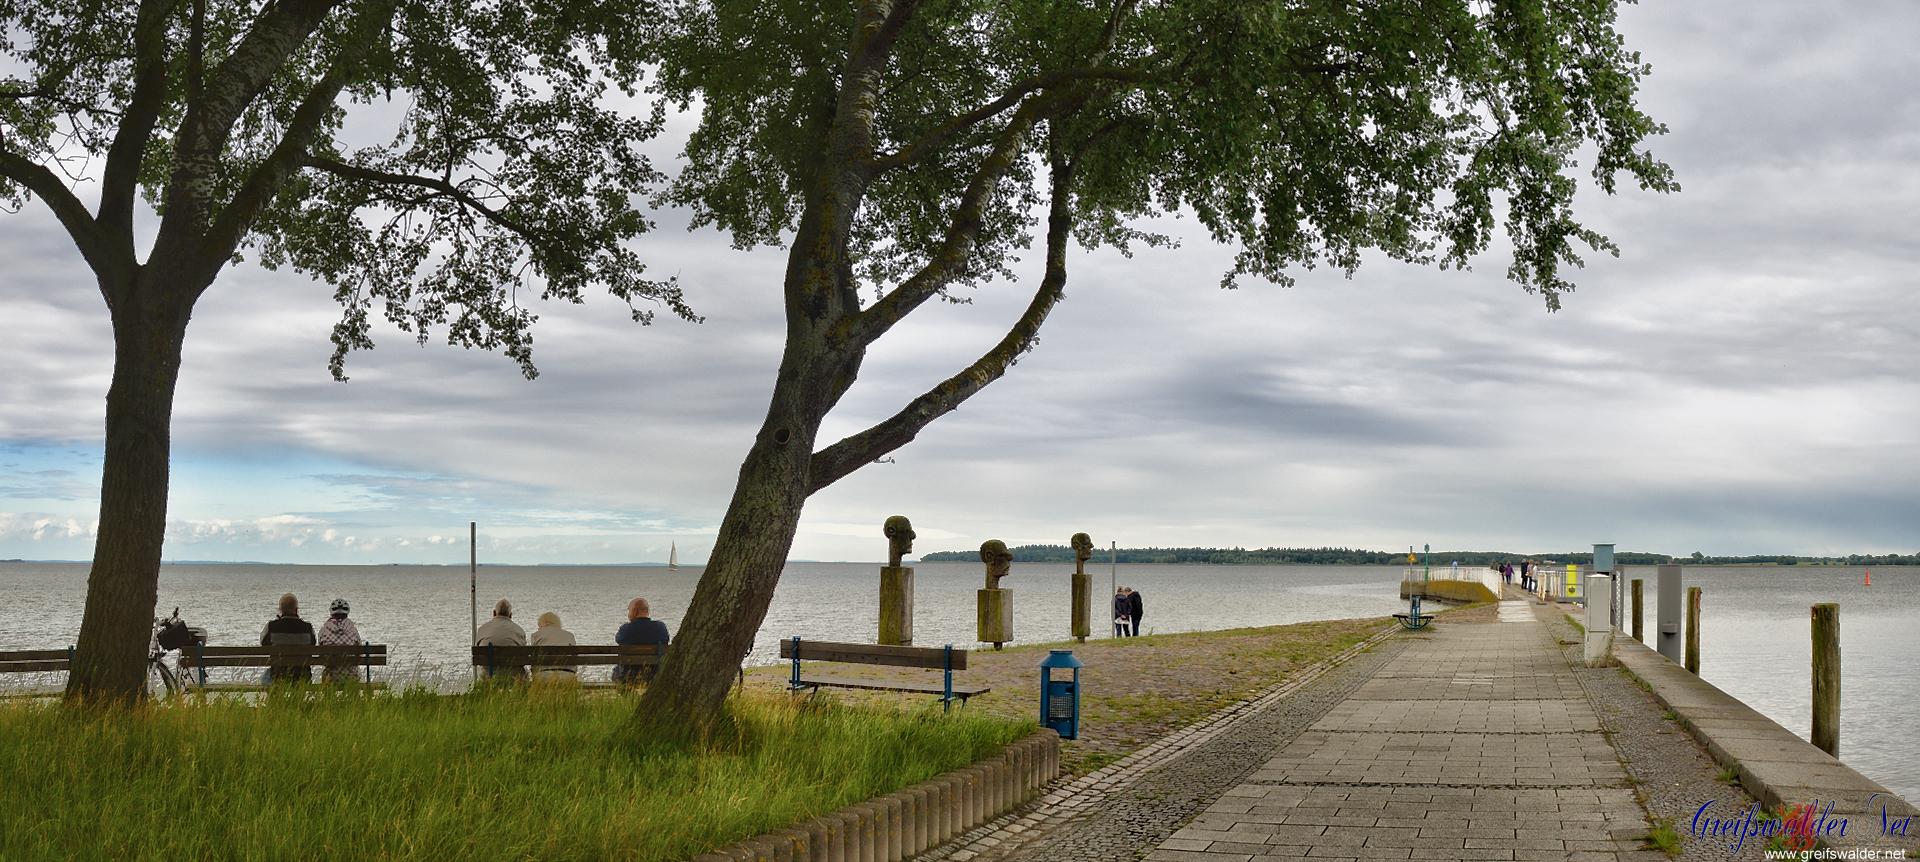 Mole in Greifswald-Wieck